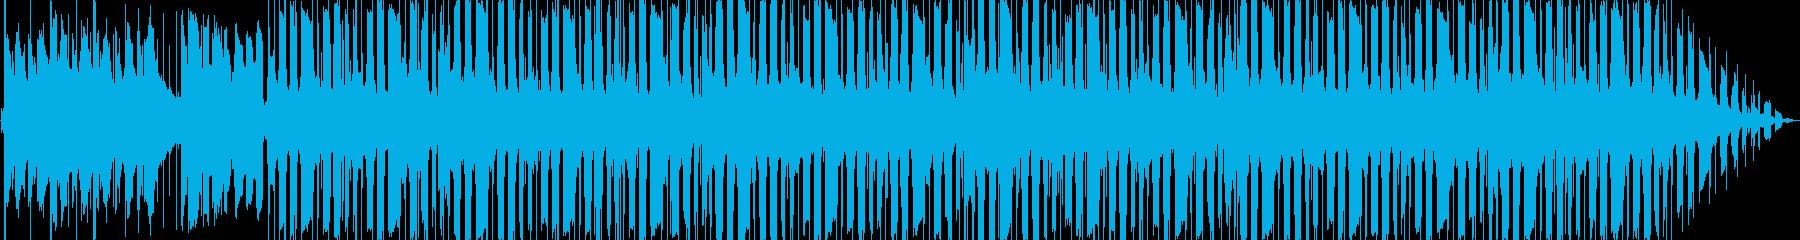 お風呂のLo-Fi Hiphopの再生済みの波形